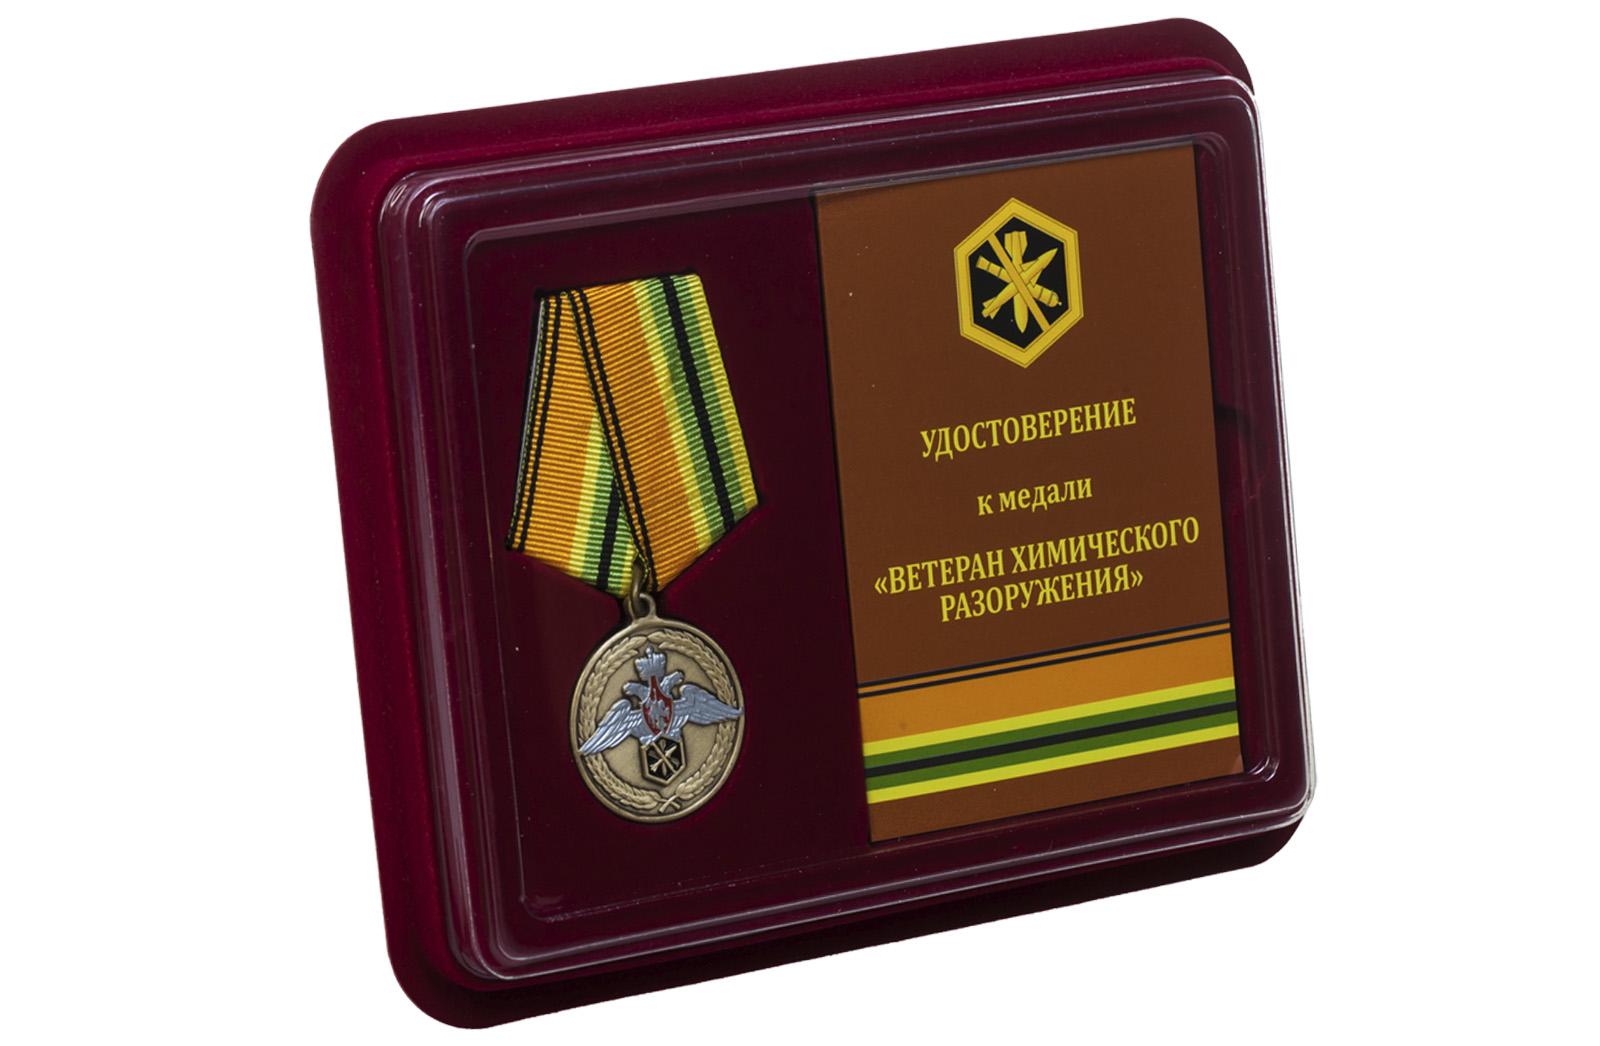 Купить медаль МО РФ Ветеран химического разоружения онлайн с доставкой